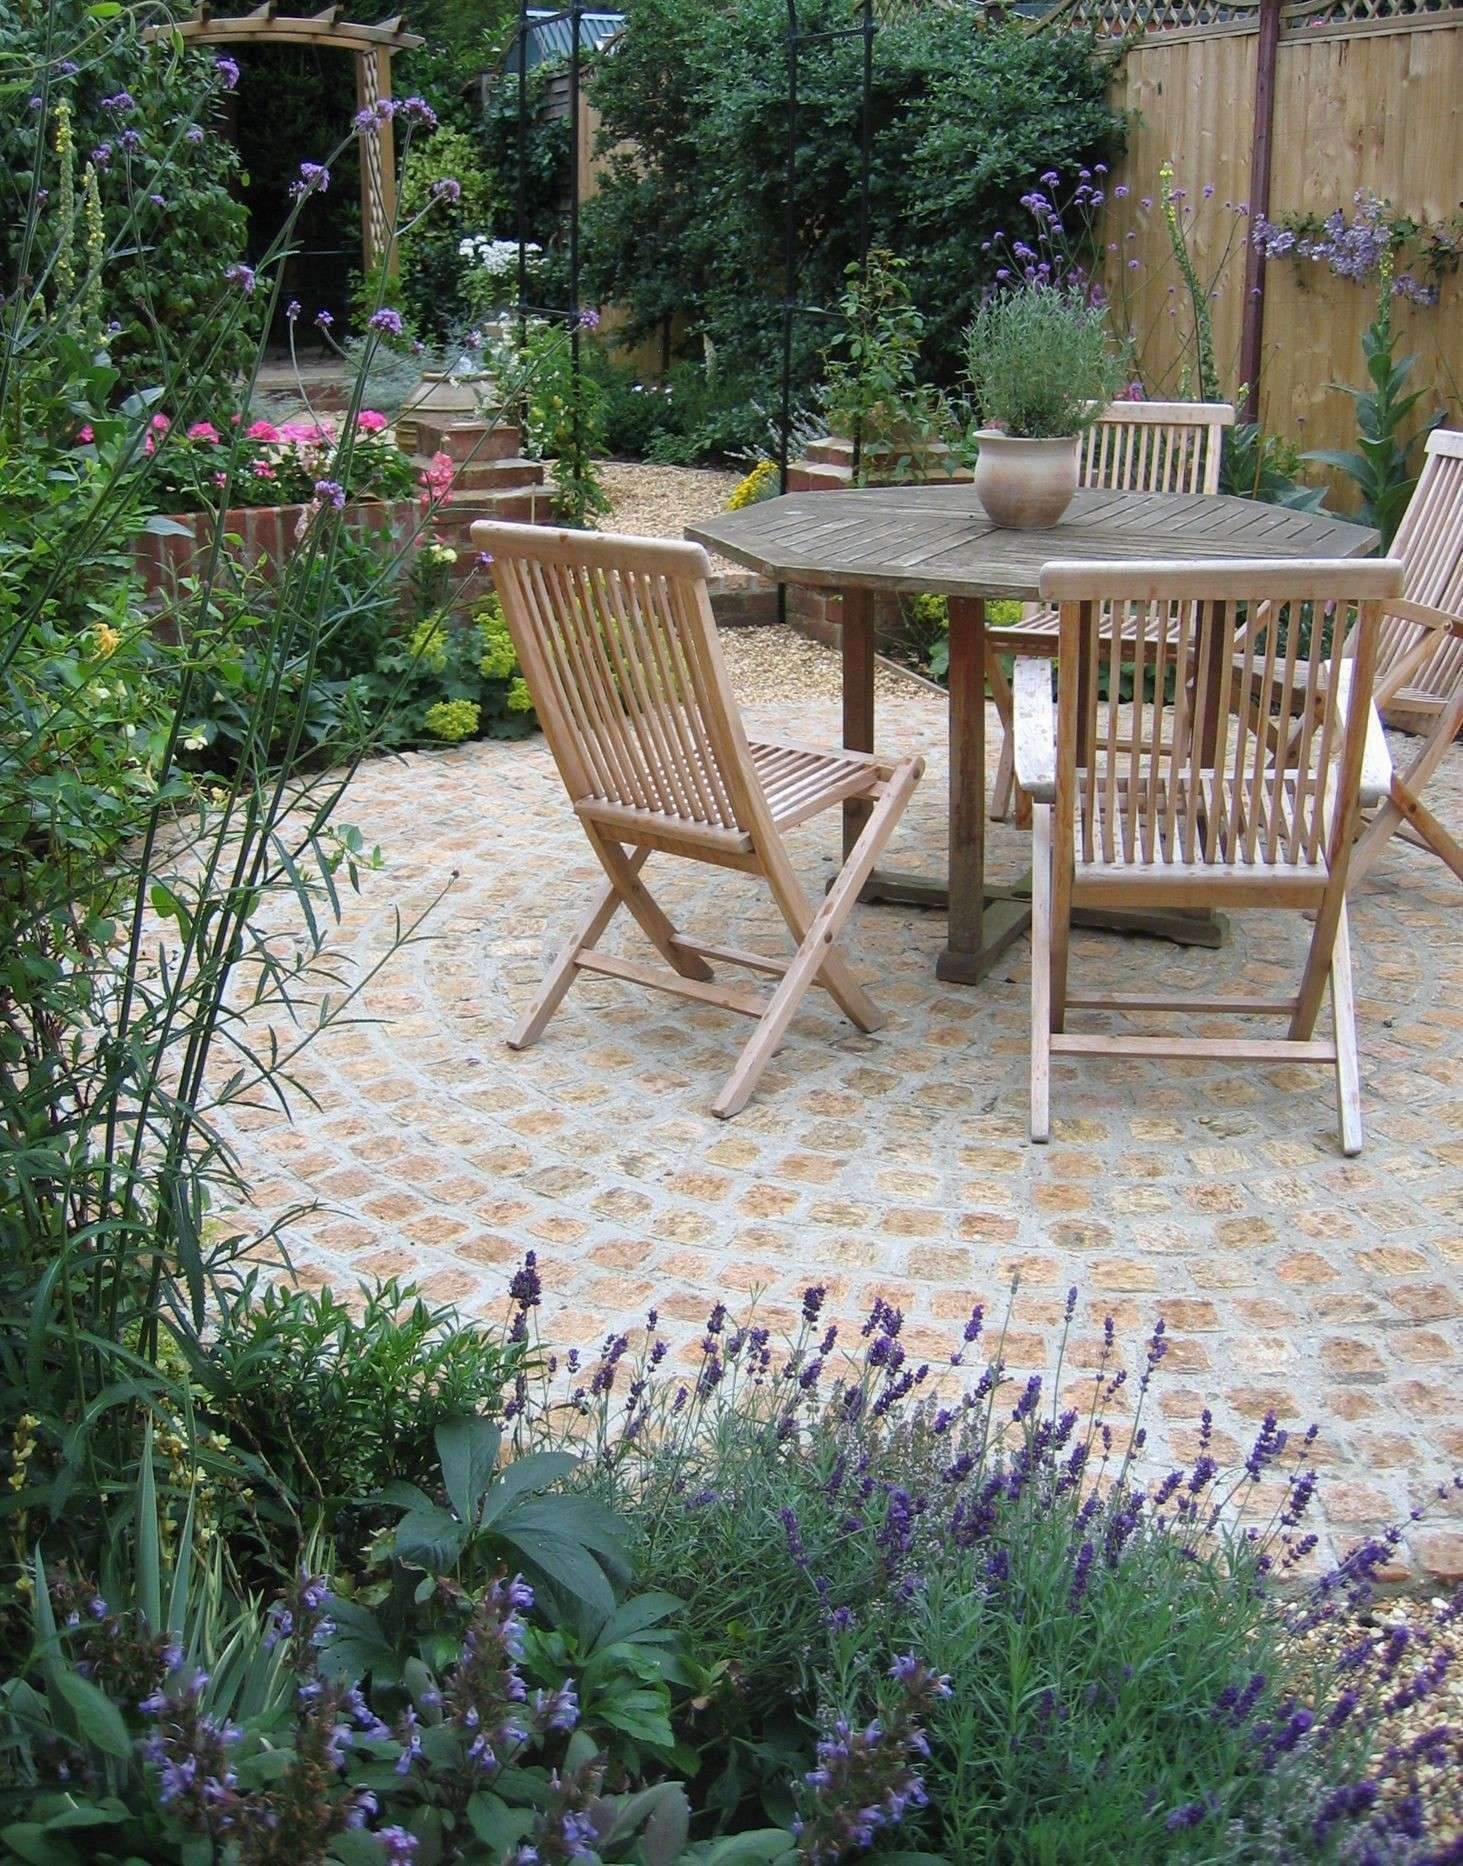 Rattenloch Im Garten Genial 31 Elegant Blumen Im Garten Elegant